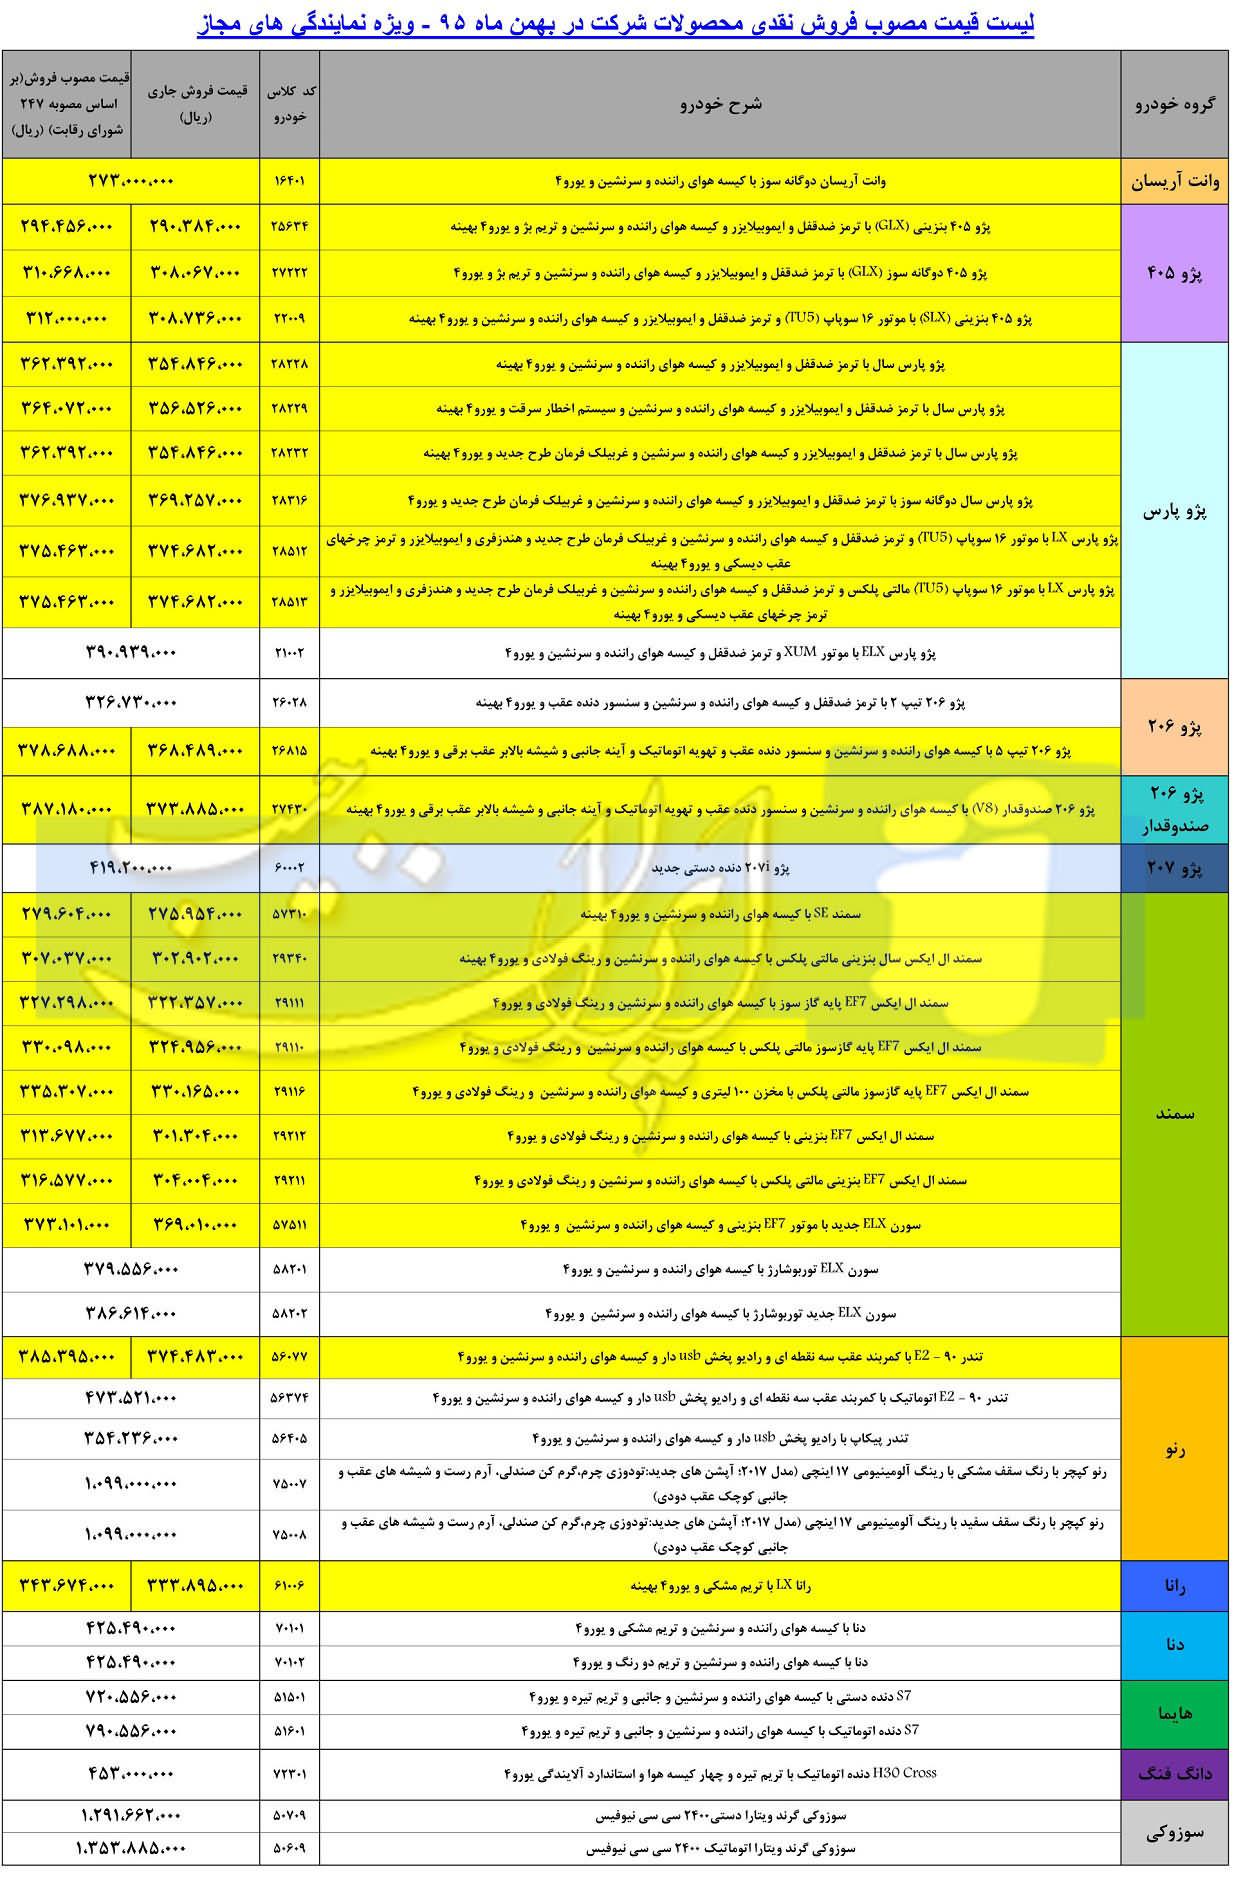 قیمت کارخانه ای کلیه محصولات ایران خودرو - بهمن ماه 95